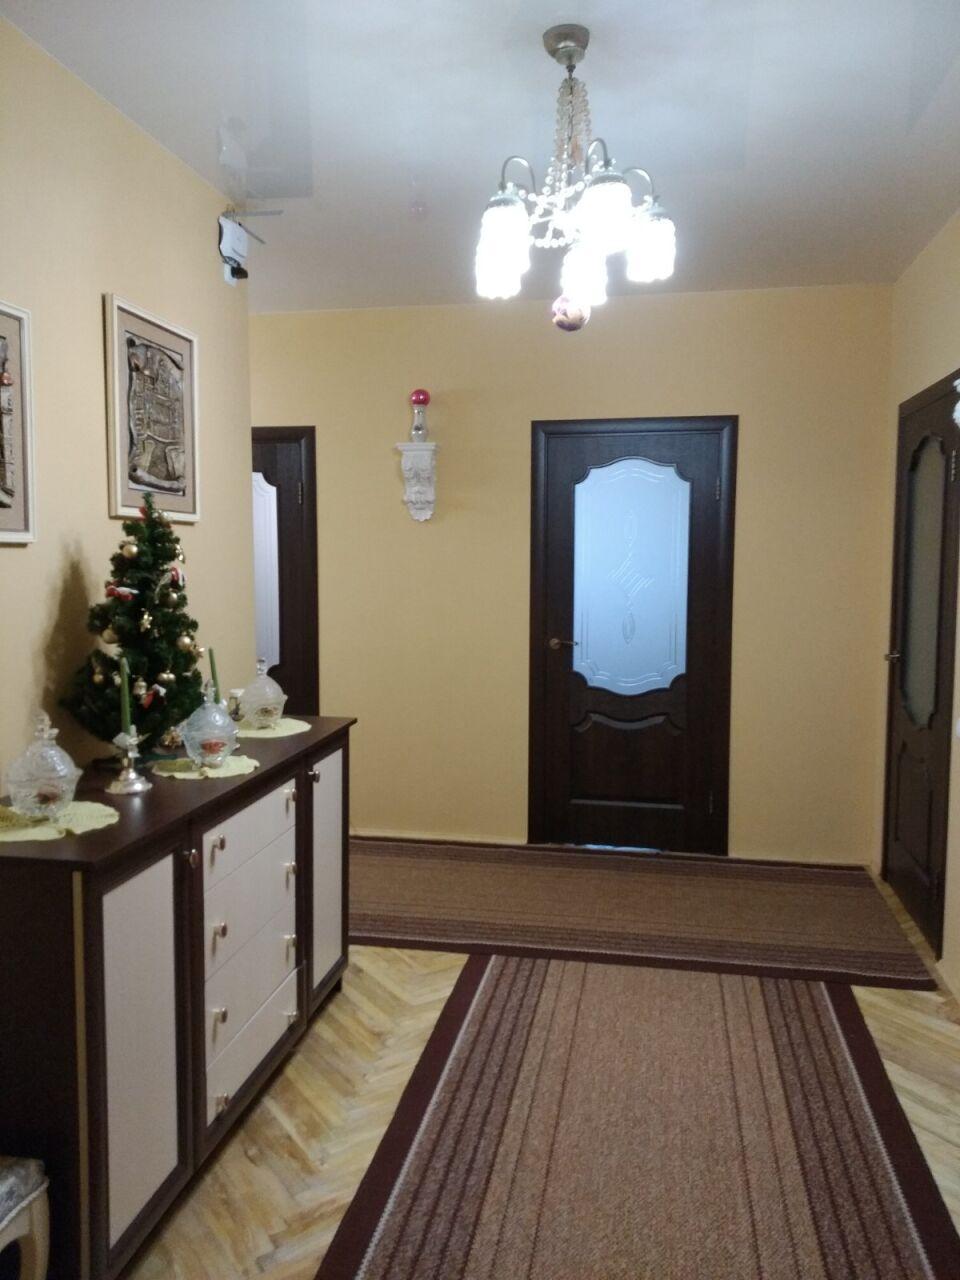 общая площадь 120,2 кв.м., жилая площадь 62,5 кв.м., 3-й этаж, новый ремонт, паркет, новая м...